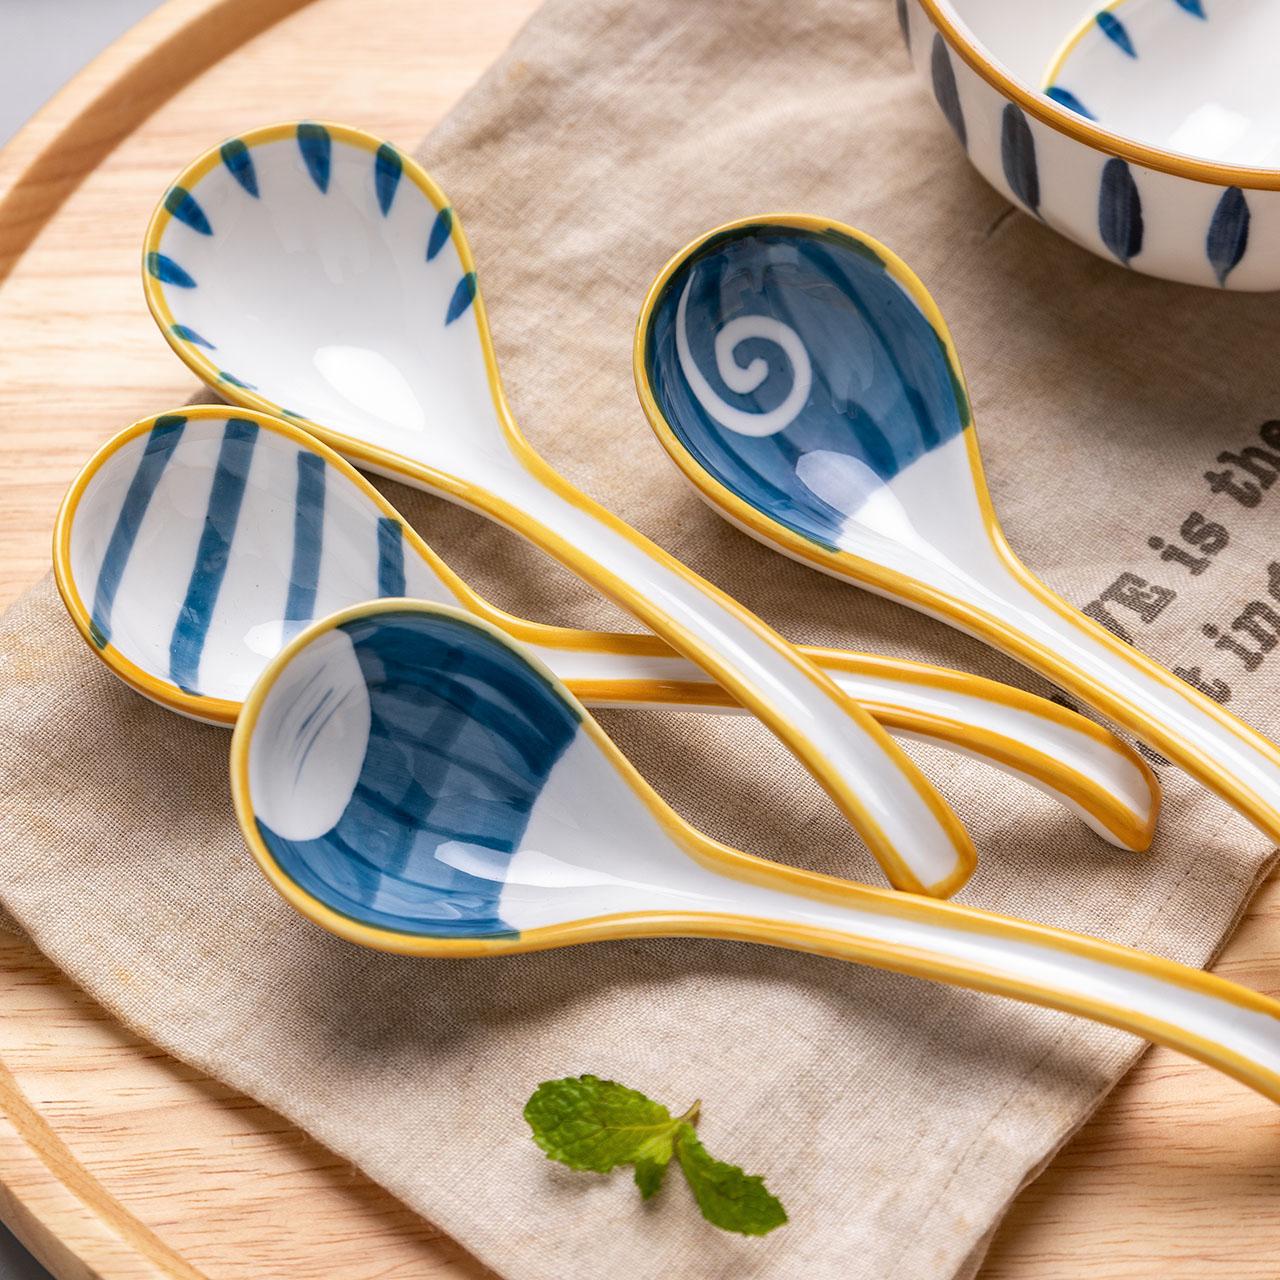 摩登主妇青瑶日式陶瓷勺子创意汤勺匙家用饭勺调羹可爱喝汤勺子